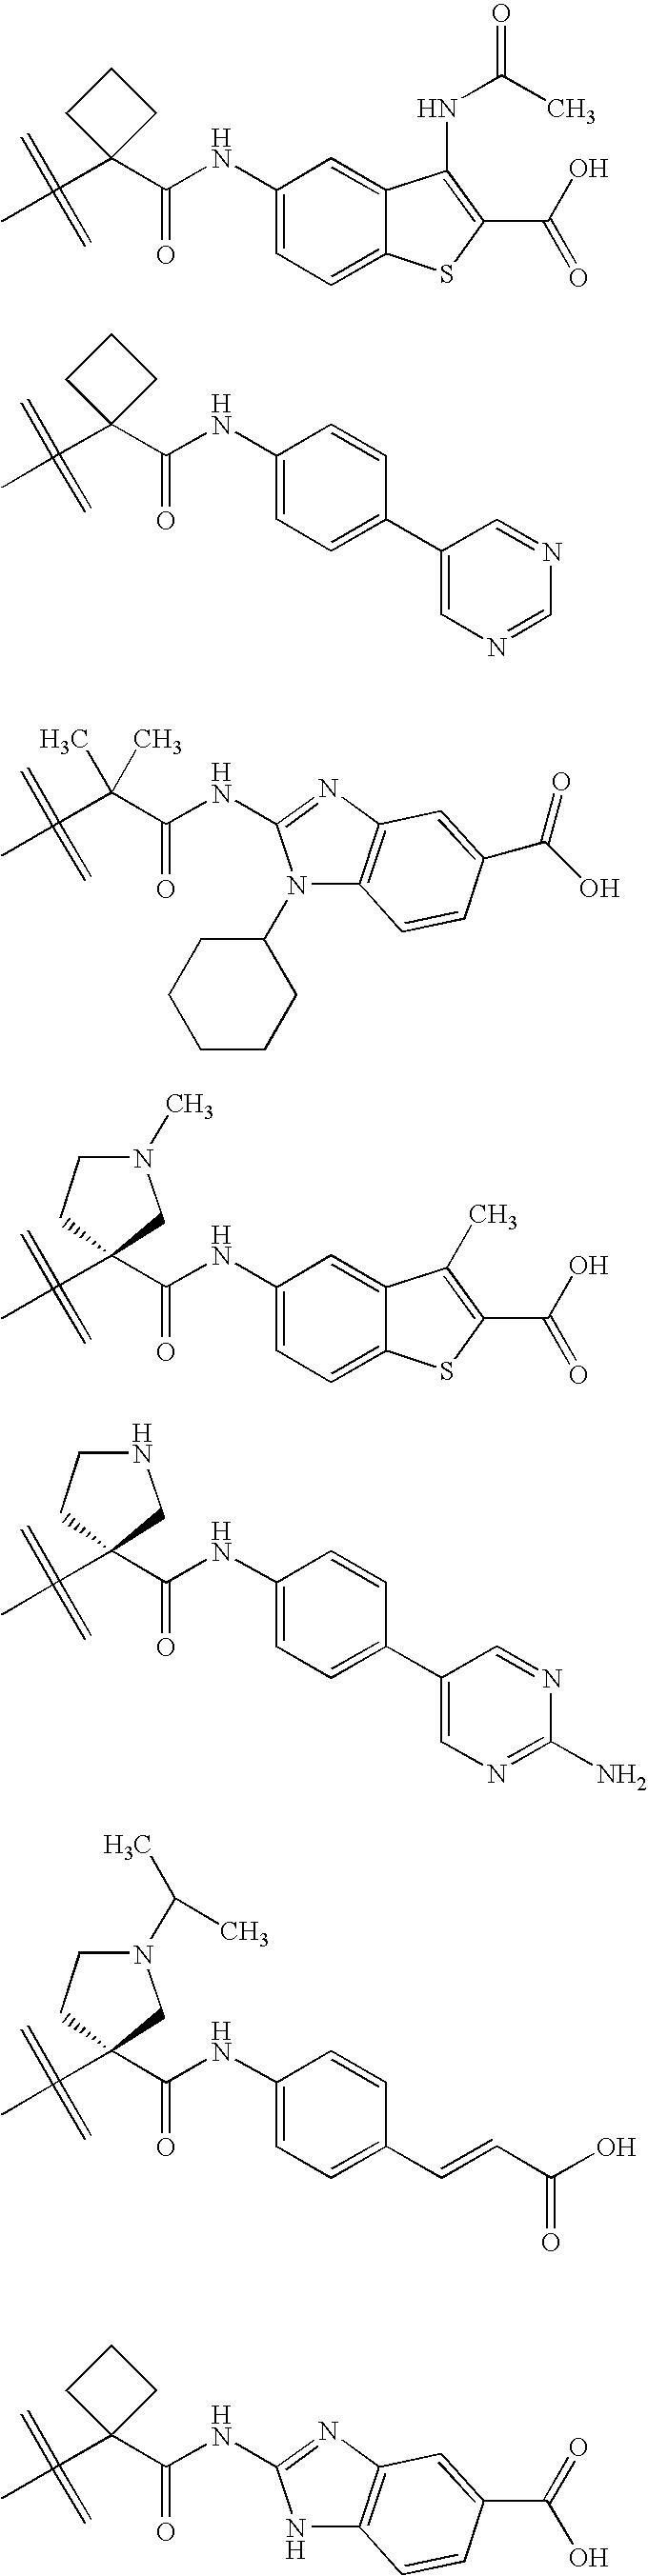 Figure US20070049593A1-20070301-C00163